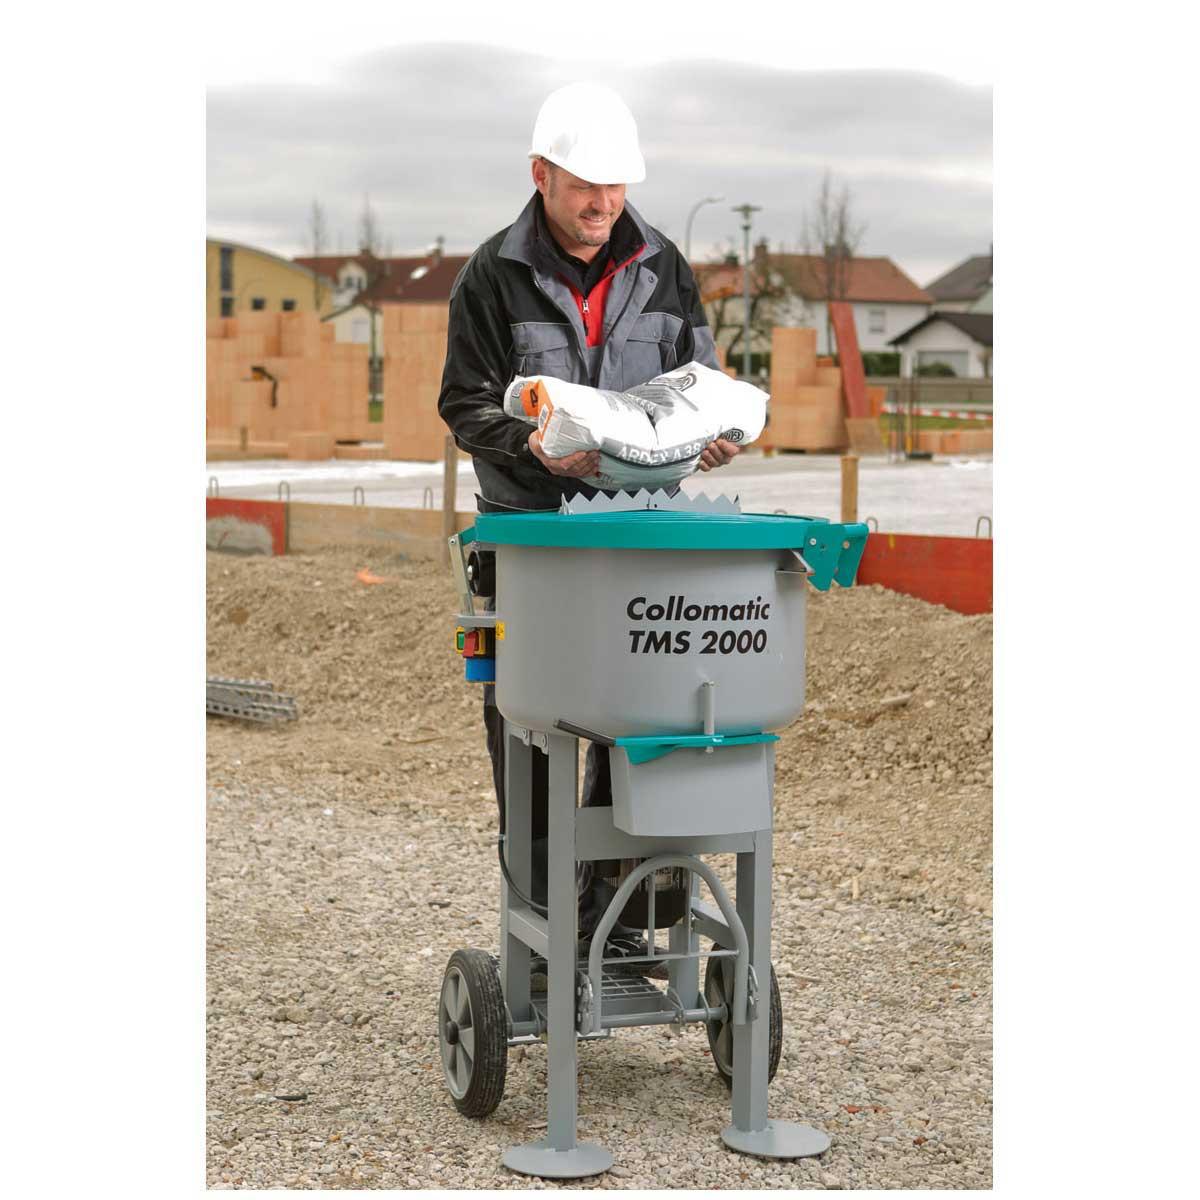 Collomix TMS 2000 Mortar Mixer bag